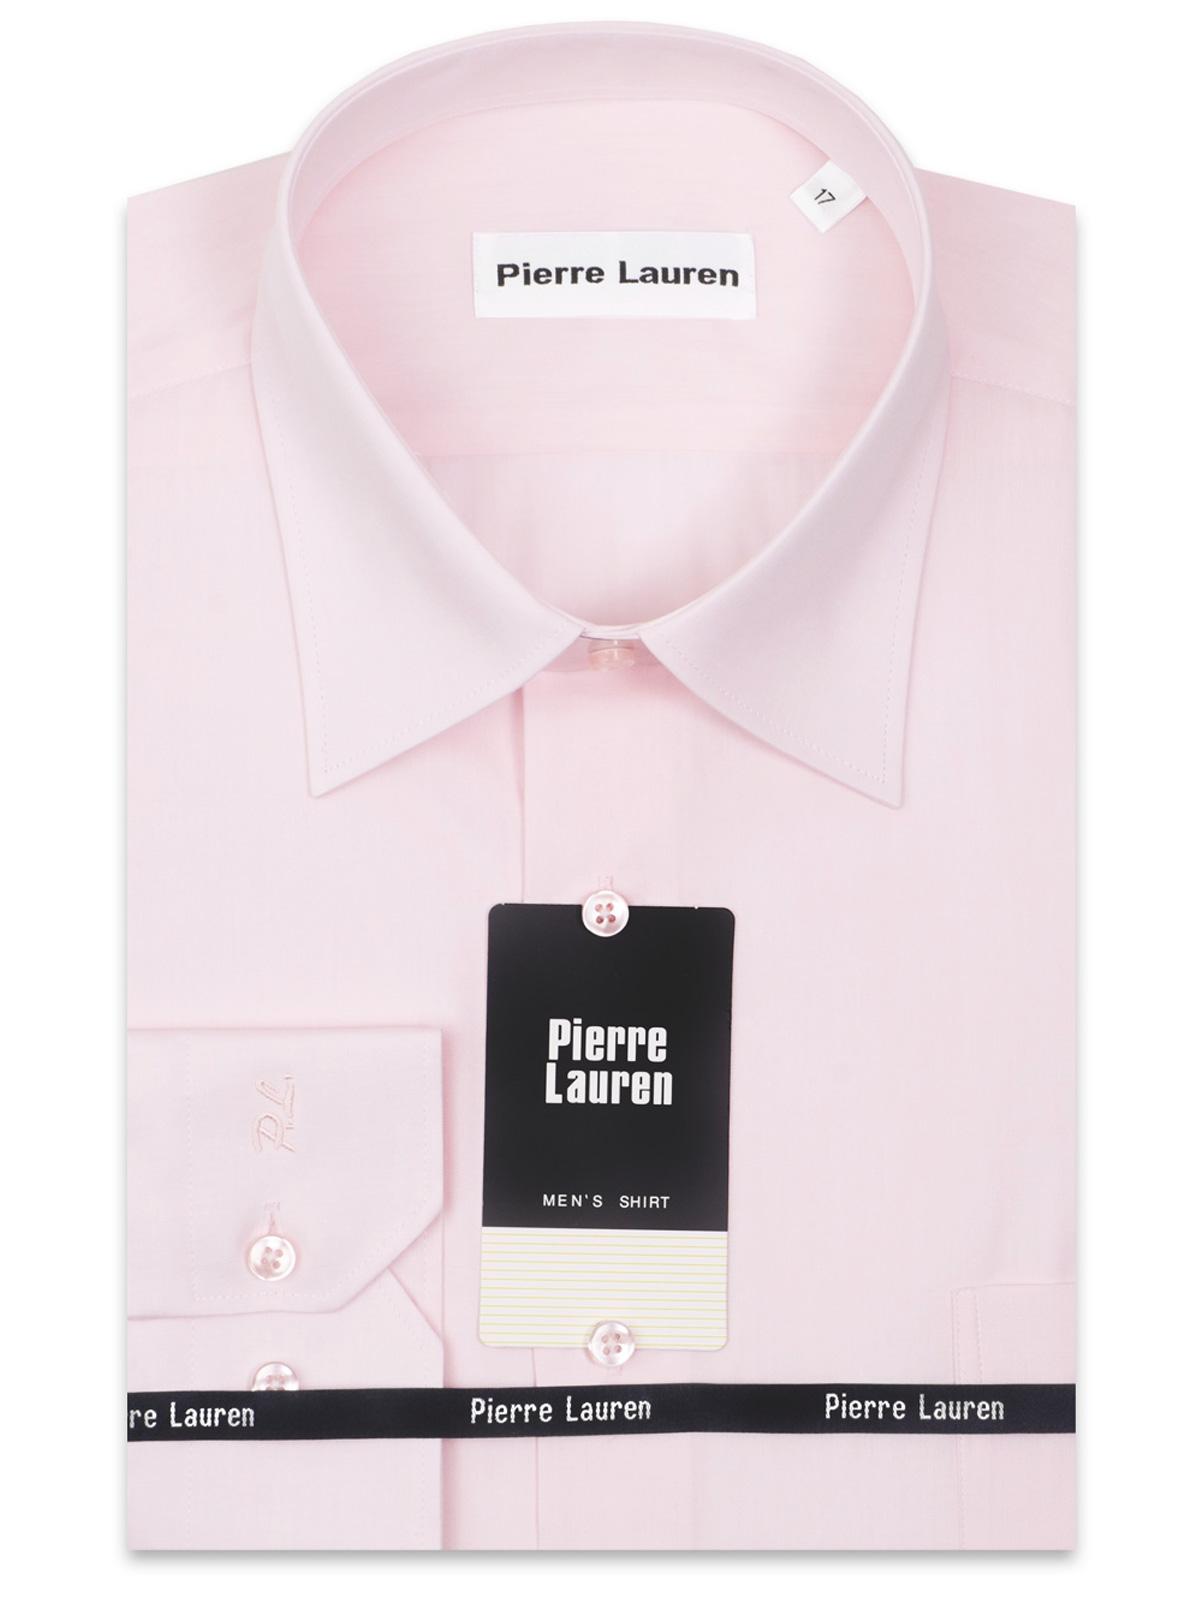 Сорочка PIERRE LAUREN  (CLASSIC) арт.- 307Трц